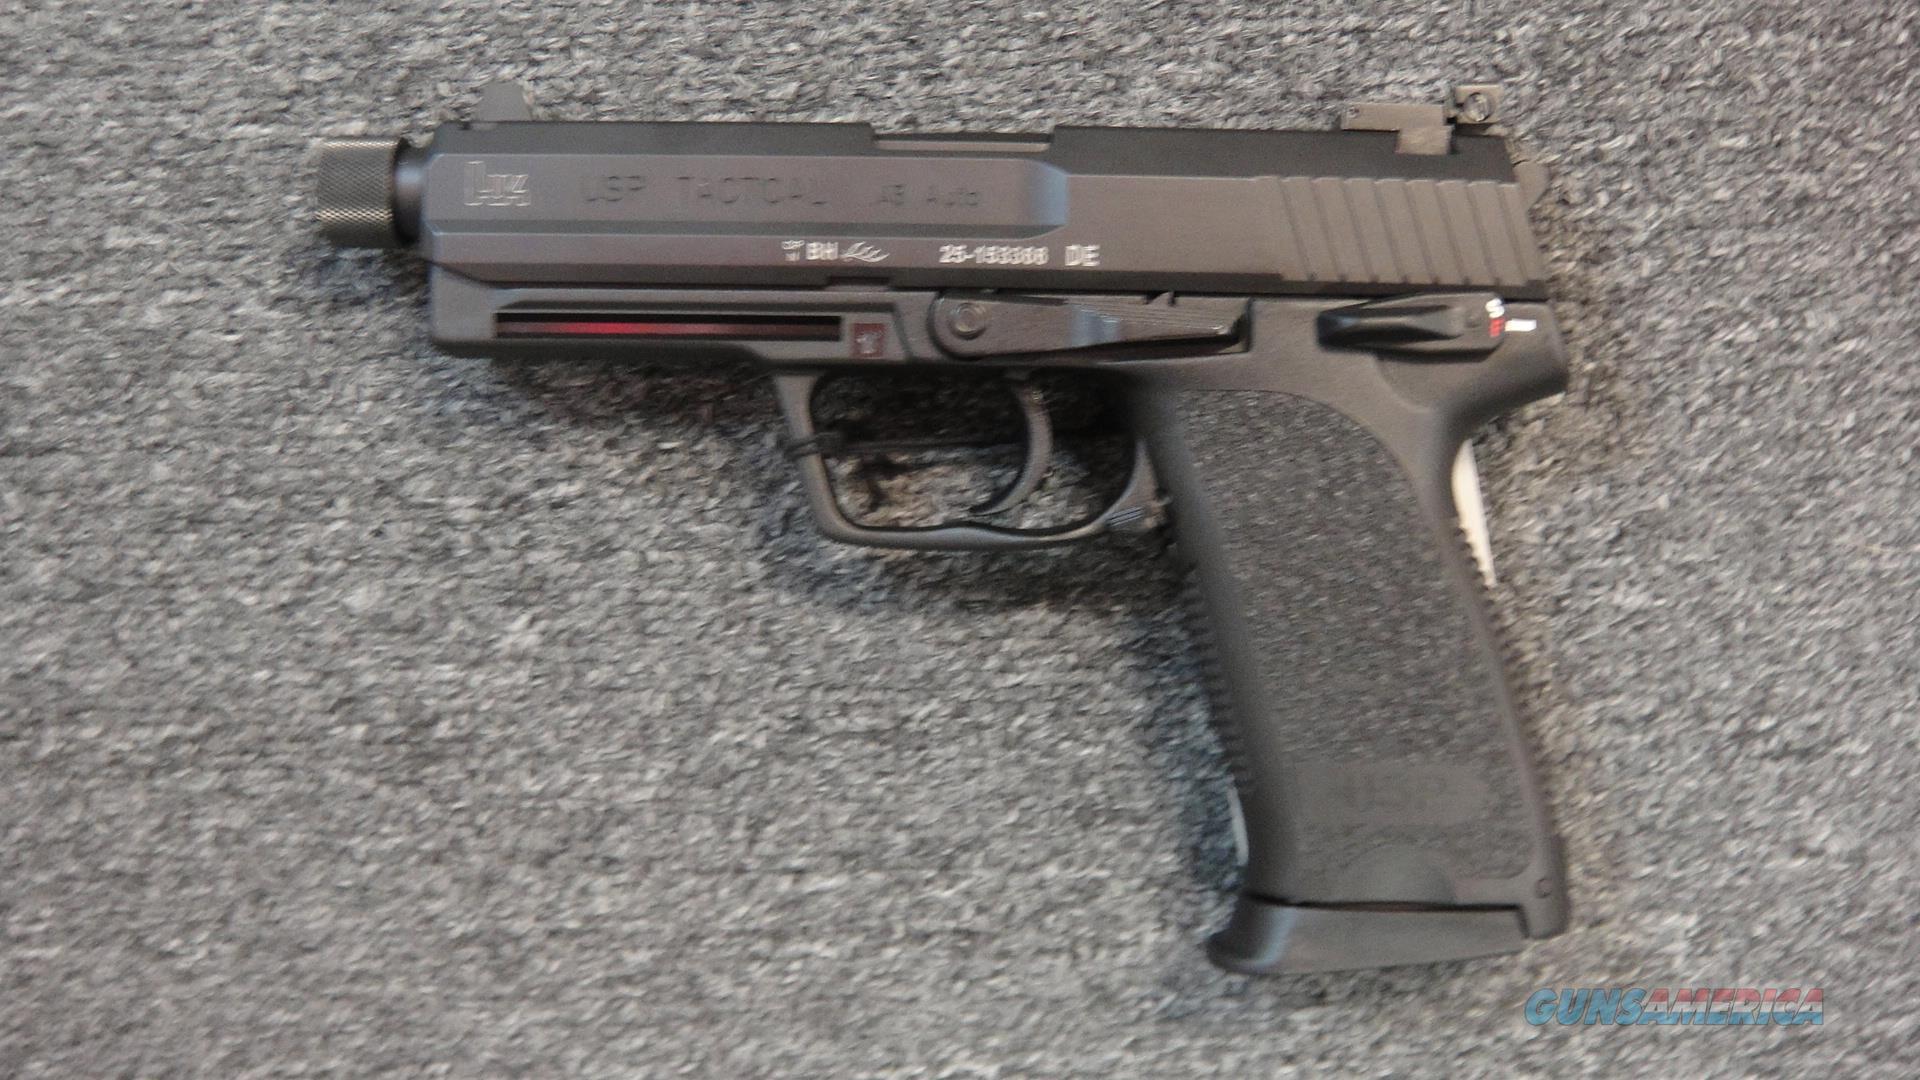 Heckler & Koch USP 45 Tactical w/ Night Sights  Guns > Pistols > Heckler & Koch Pistols > Polymer Frame